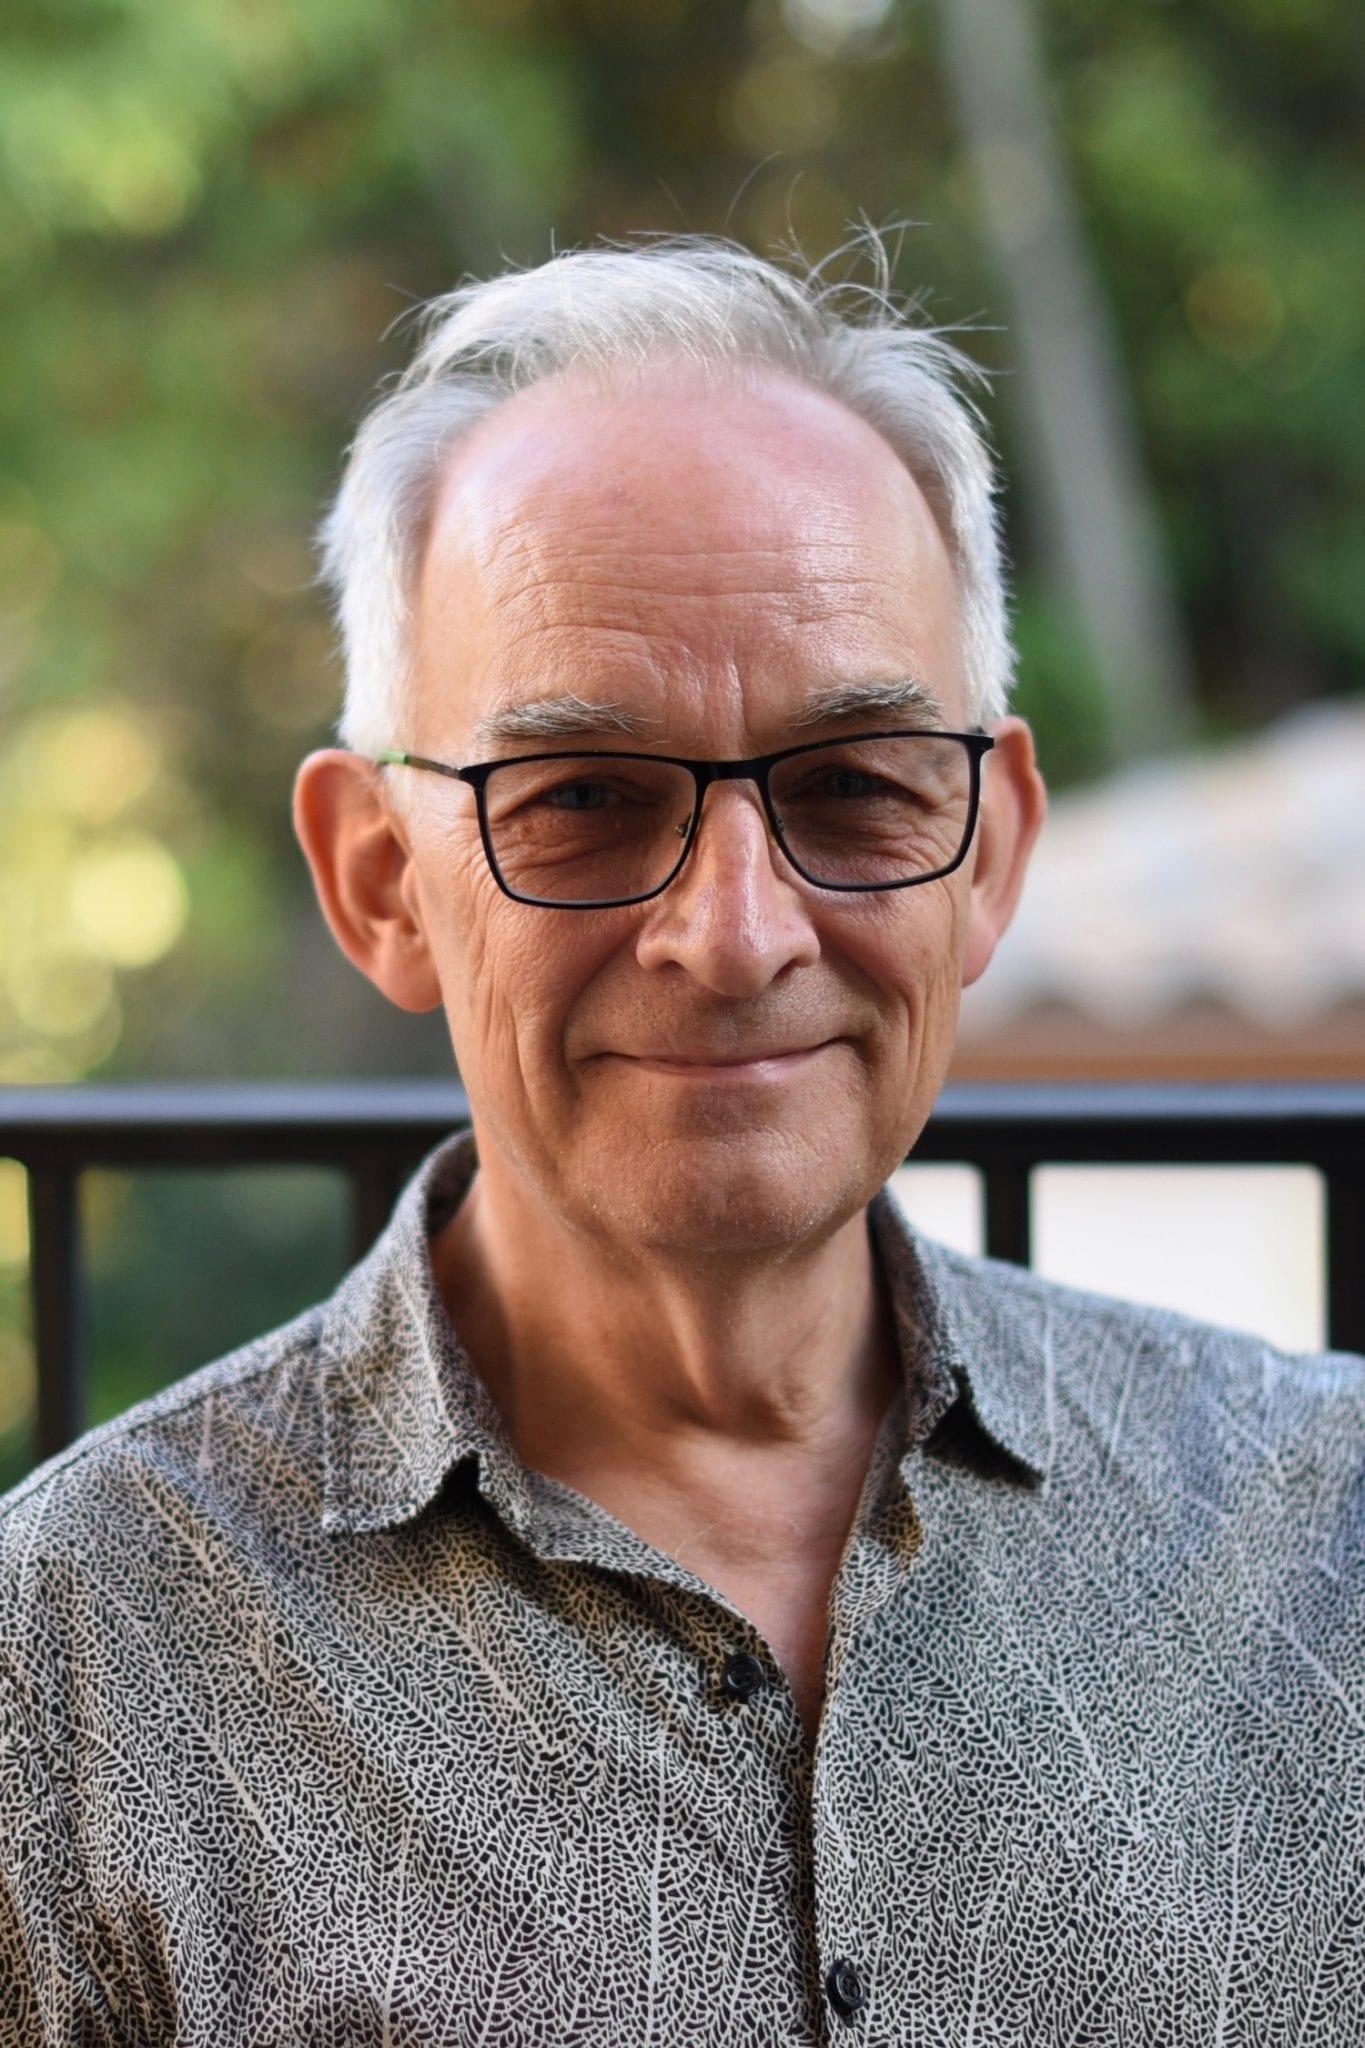 Roger L patient story